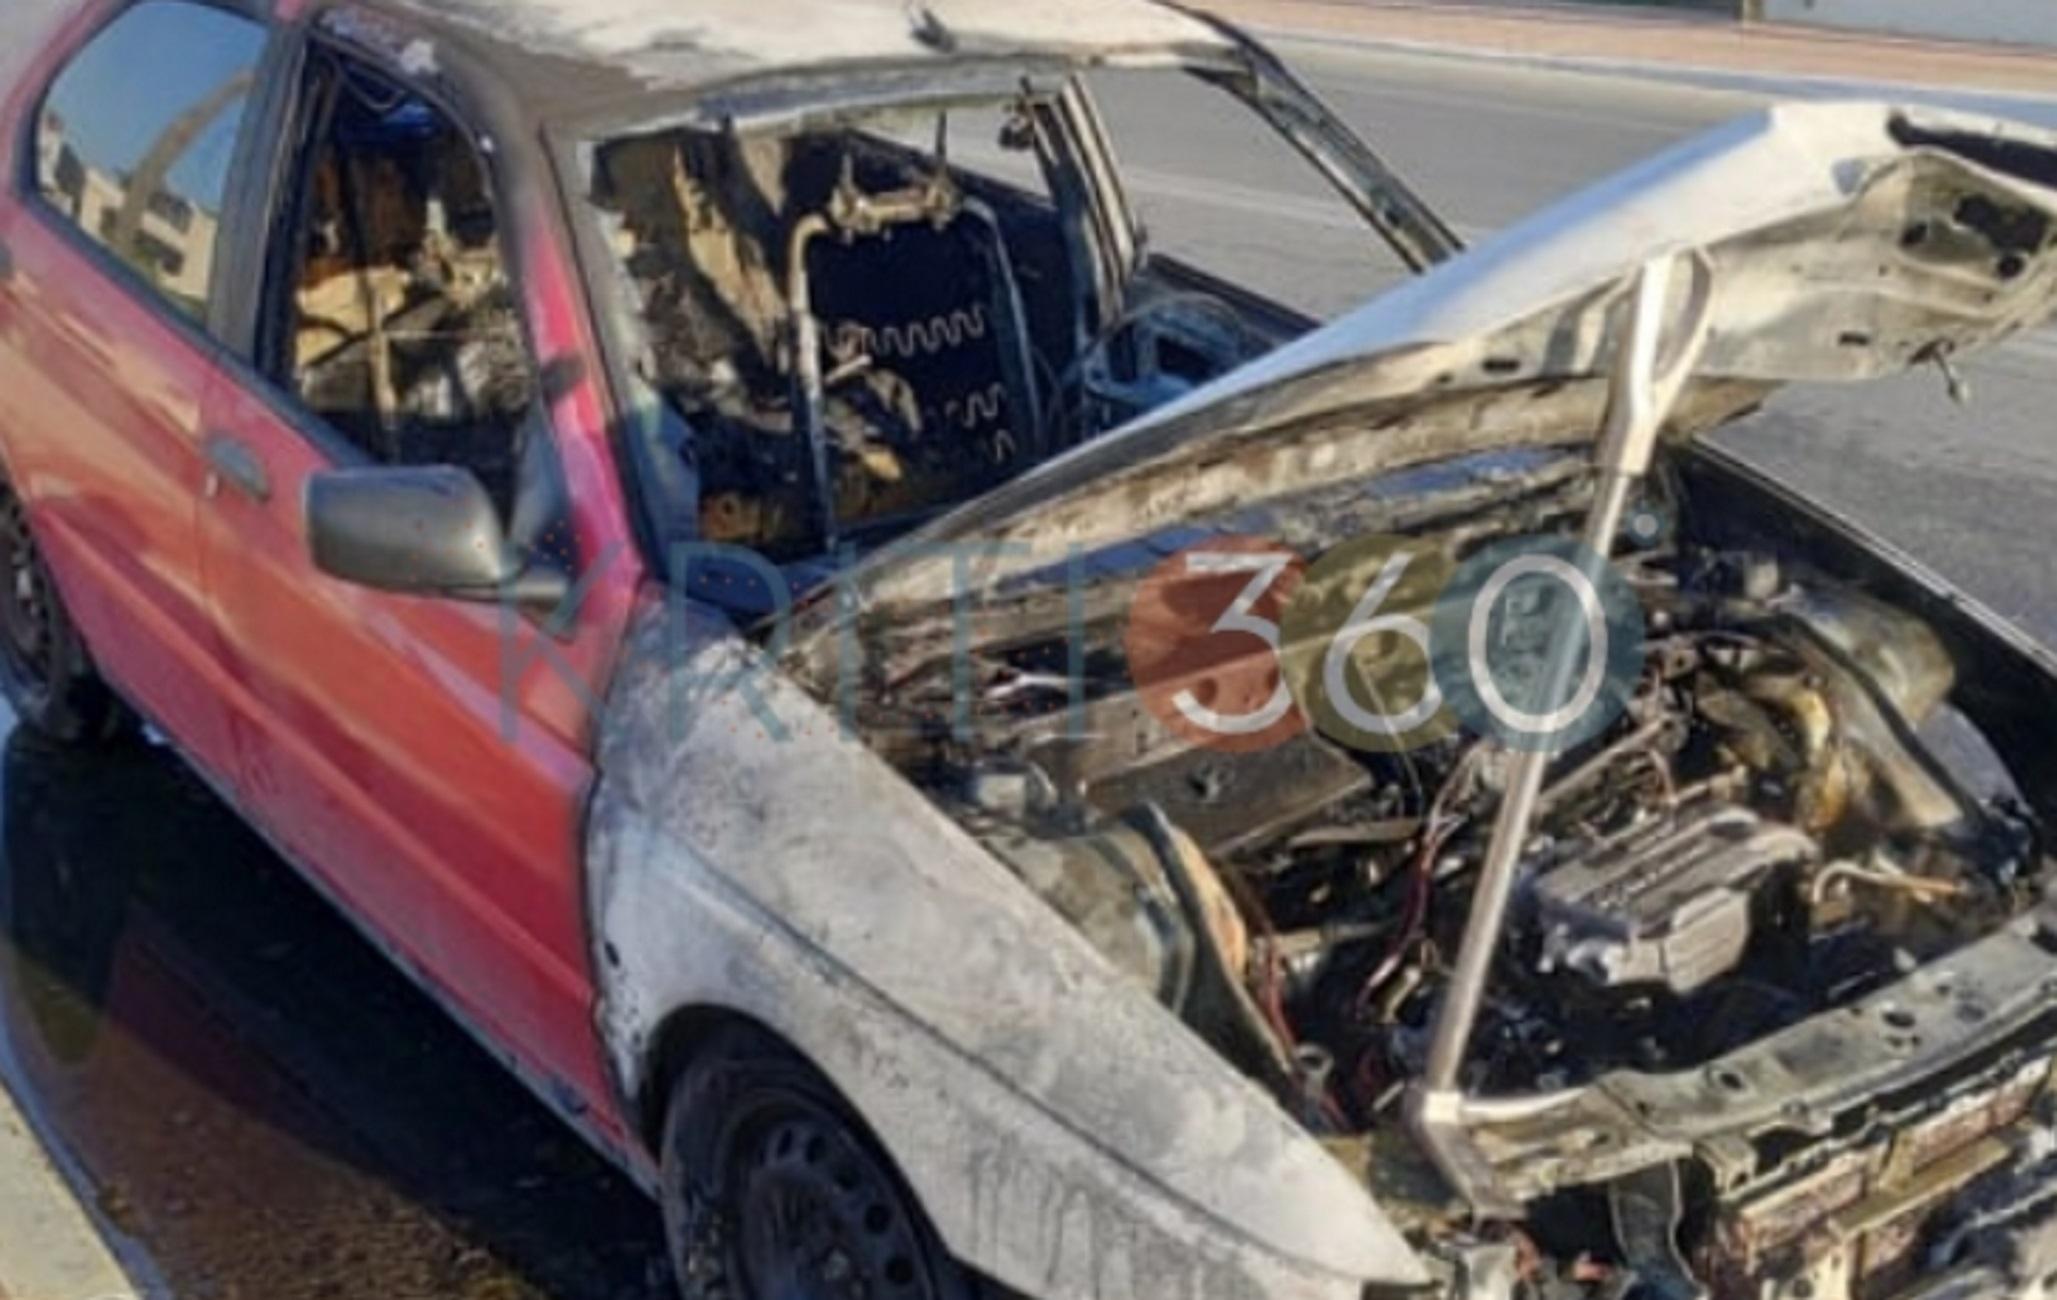 Κρήτη: Εφιάλτης στο τιμόνι! Το αυτοκίνητο τυλίχθηκε στις φλόγες στο δρόμο (Φωτό)